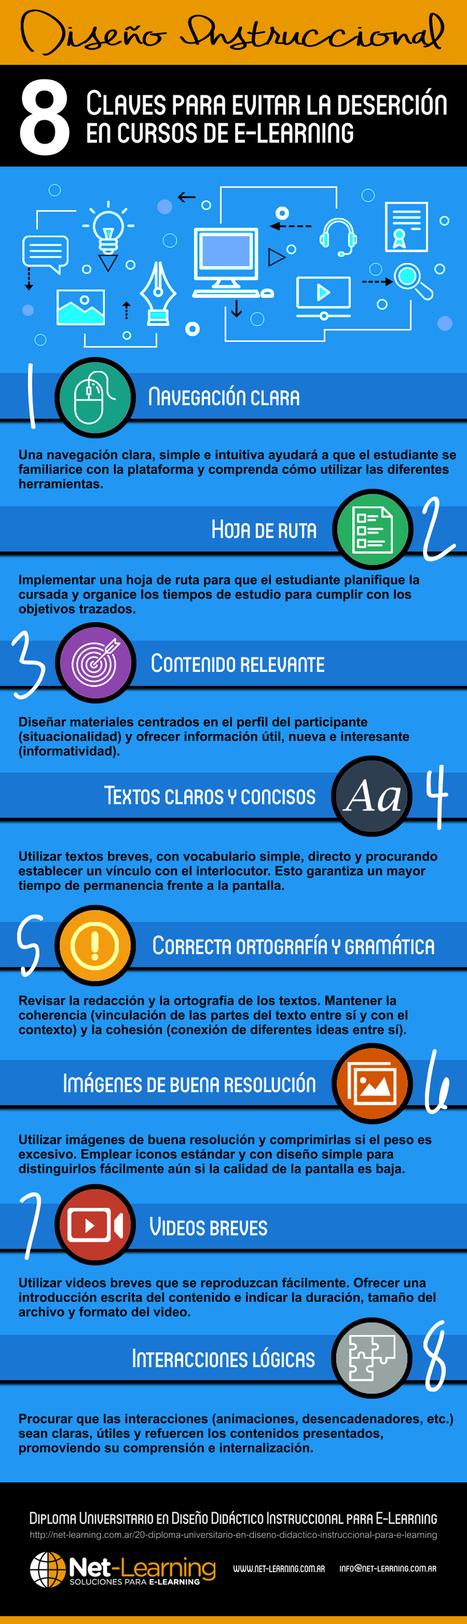 Diseño instruccional: 8 claves para evitar la deserción en cursos de e-learning | Tecnología Educativa Morreducation | Scoop.it